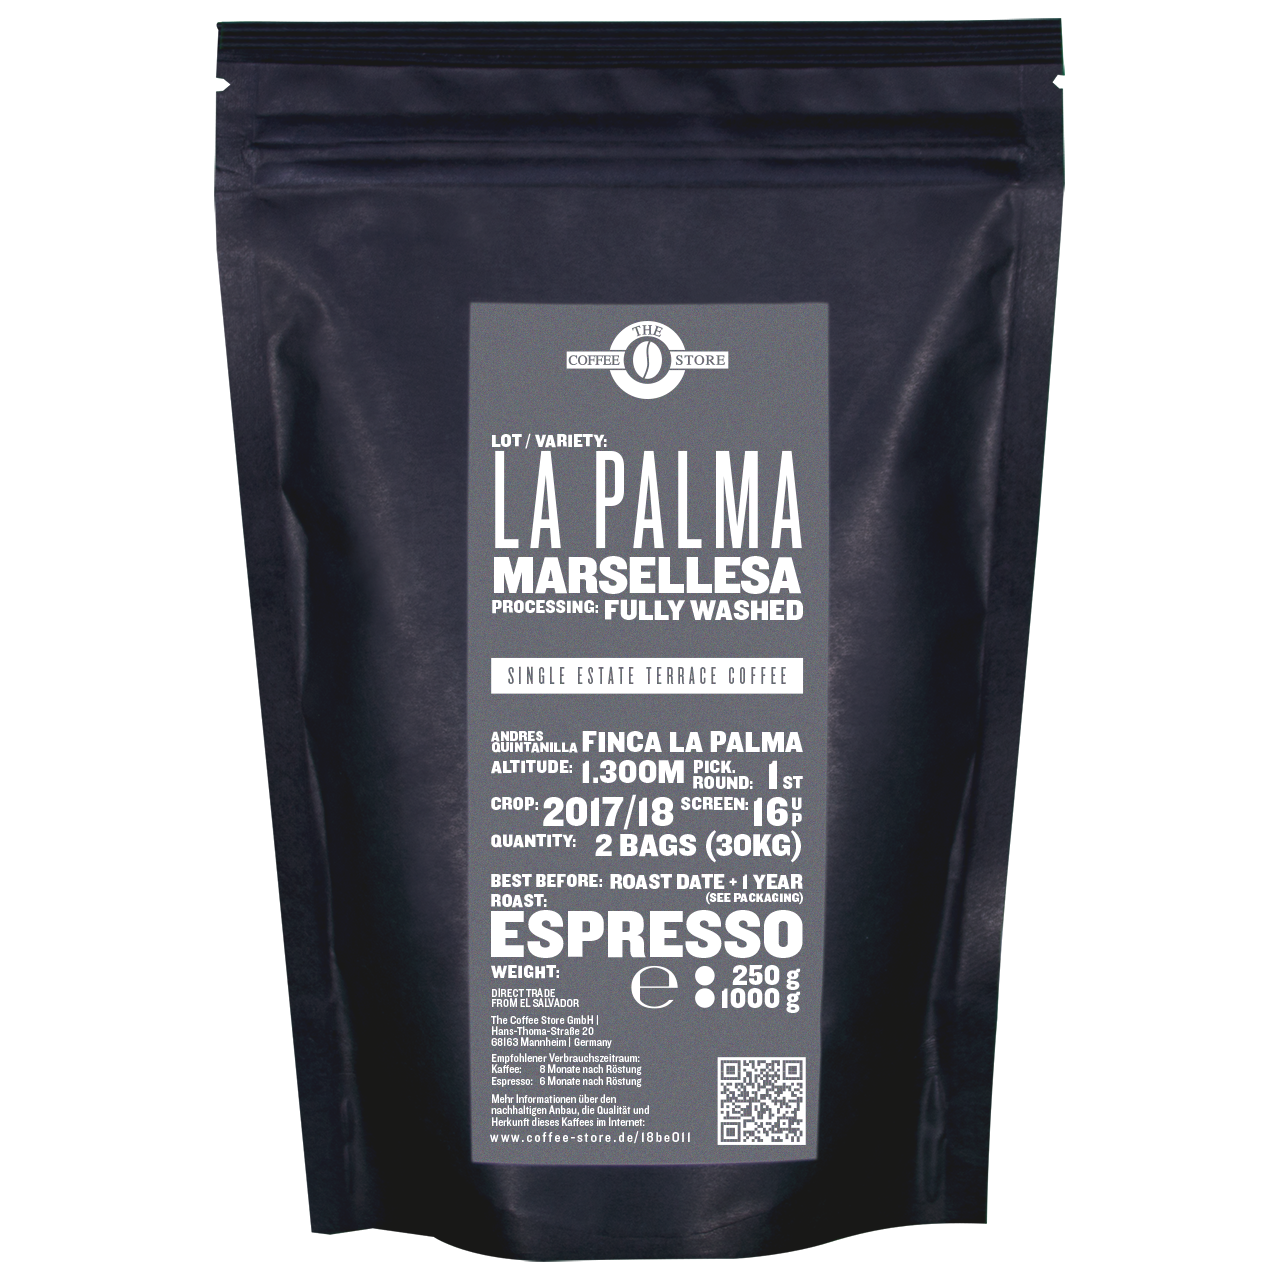 La Palma, Marsellesa - Espressoröstung